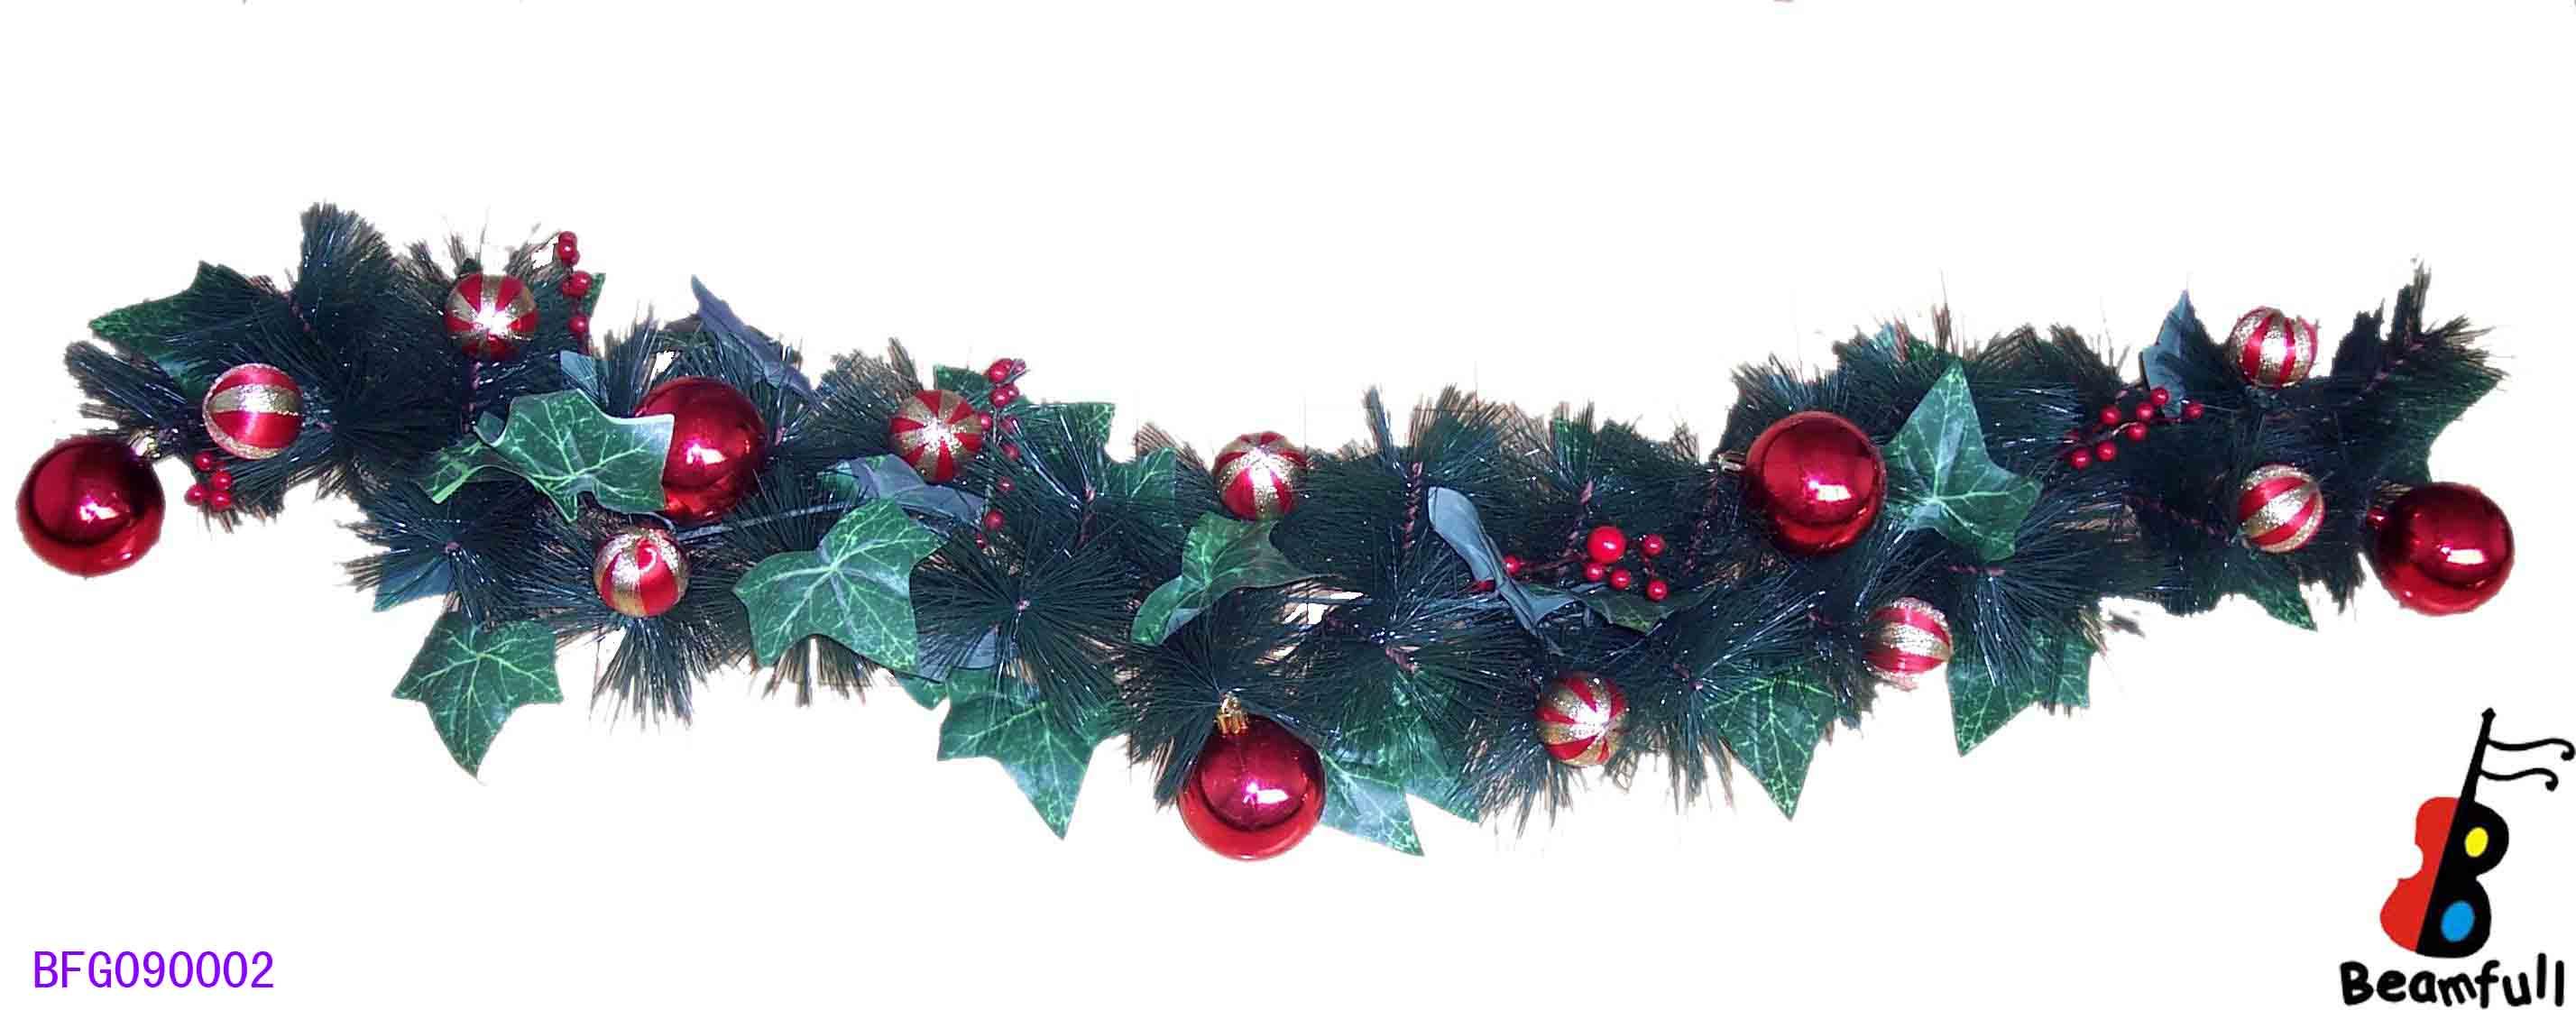 navidad guirnaldas stock de banderitas guirnaldas tarjeta